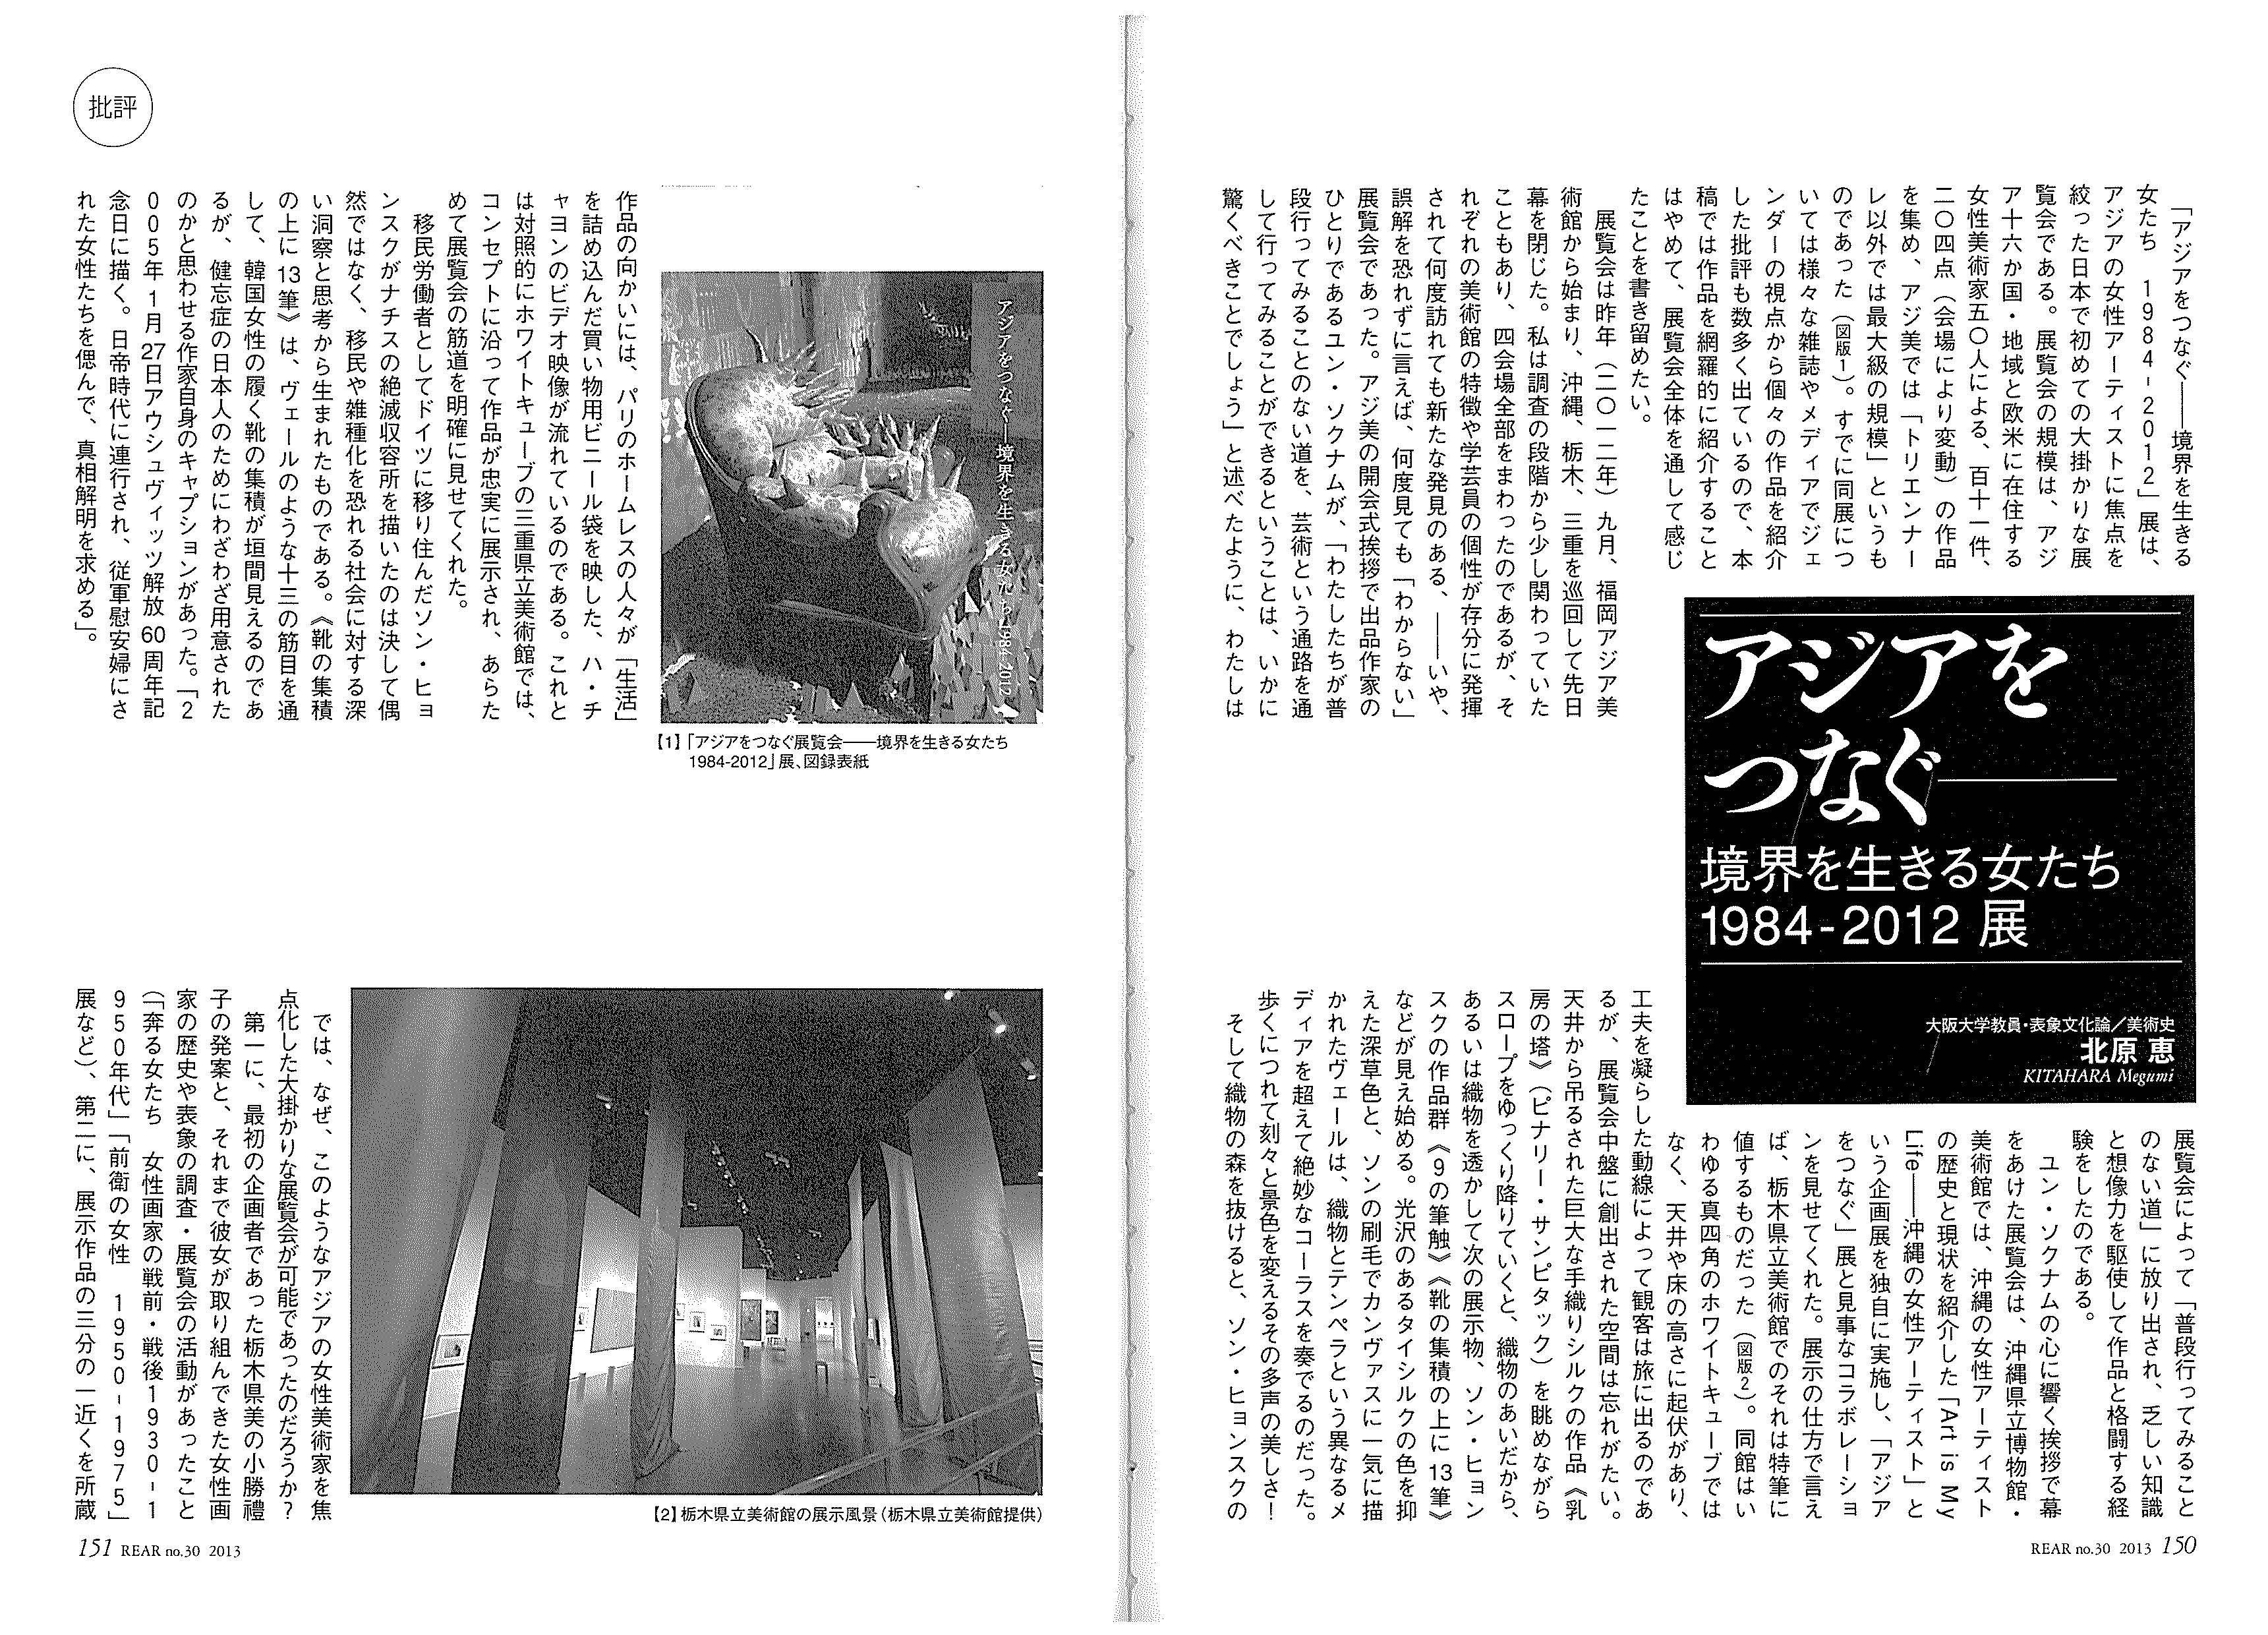 【展評】北原恵「アジアをつなぐー境界を生きる女たち 1984-2012展」『REAR』30号2013年